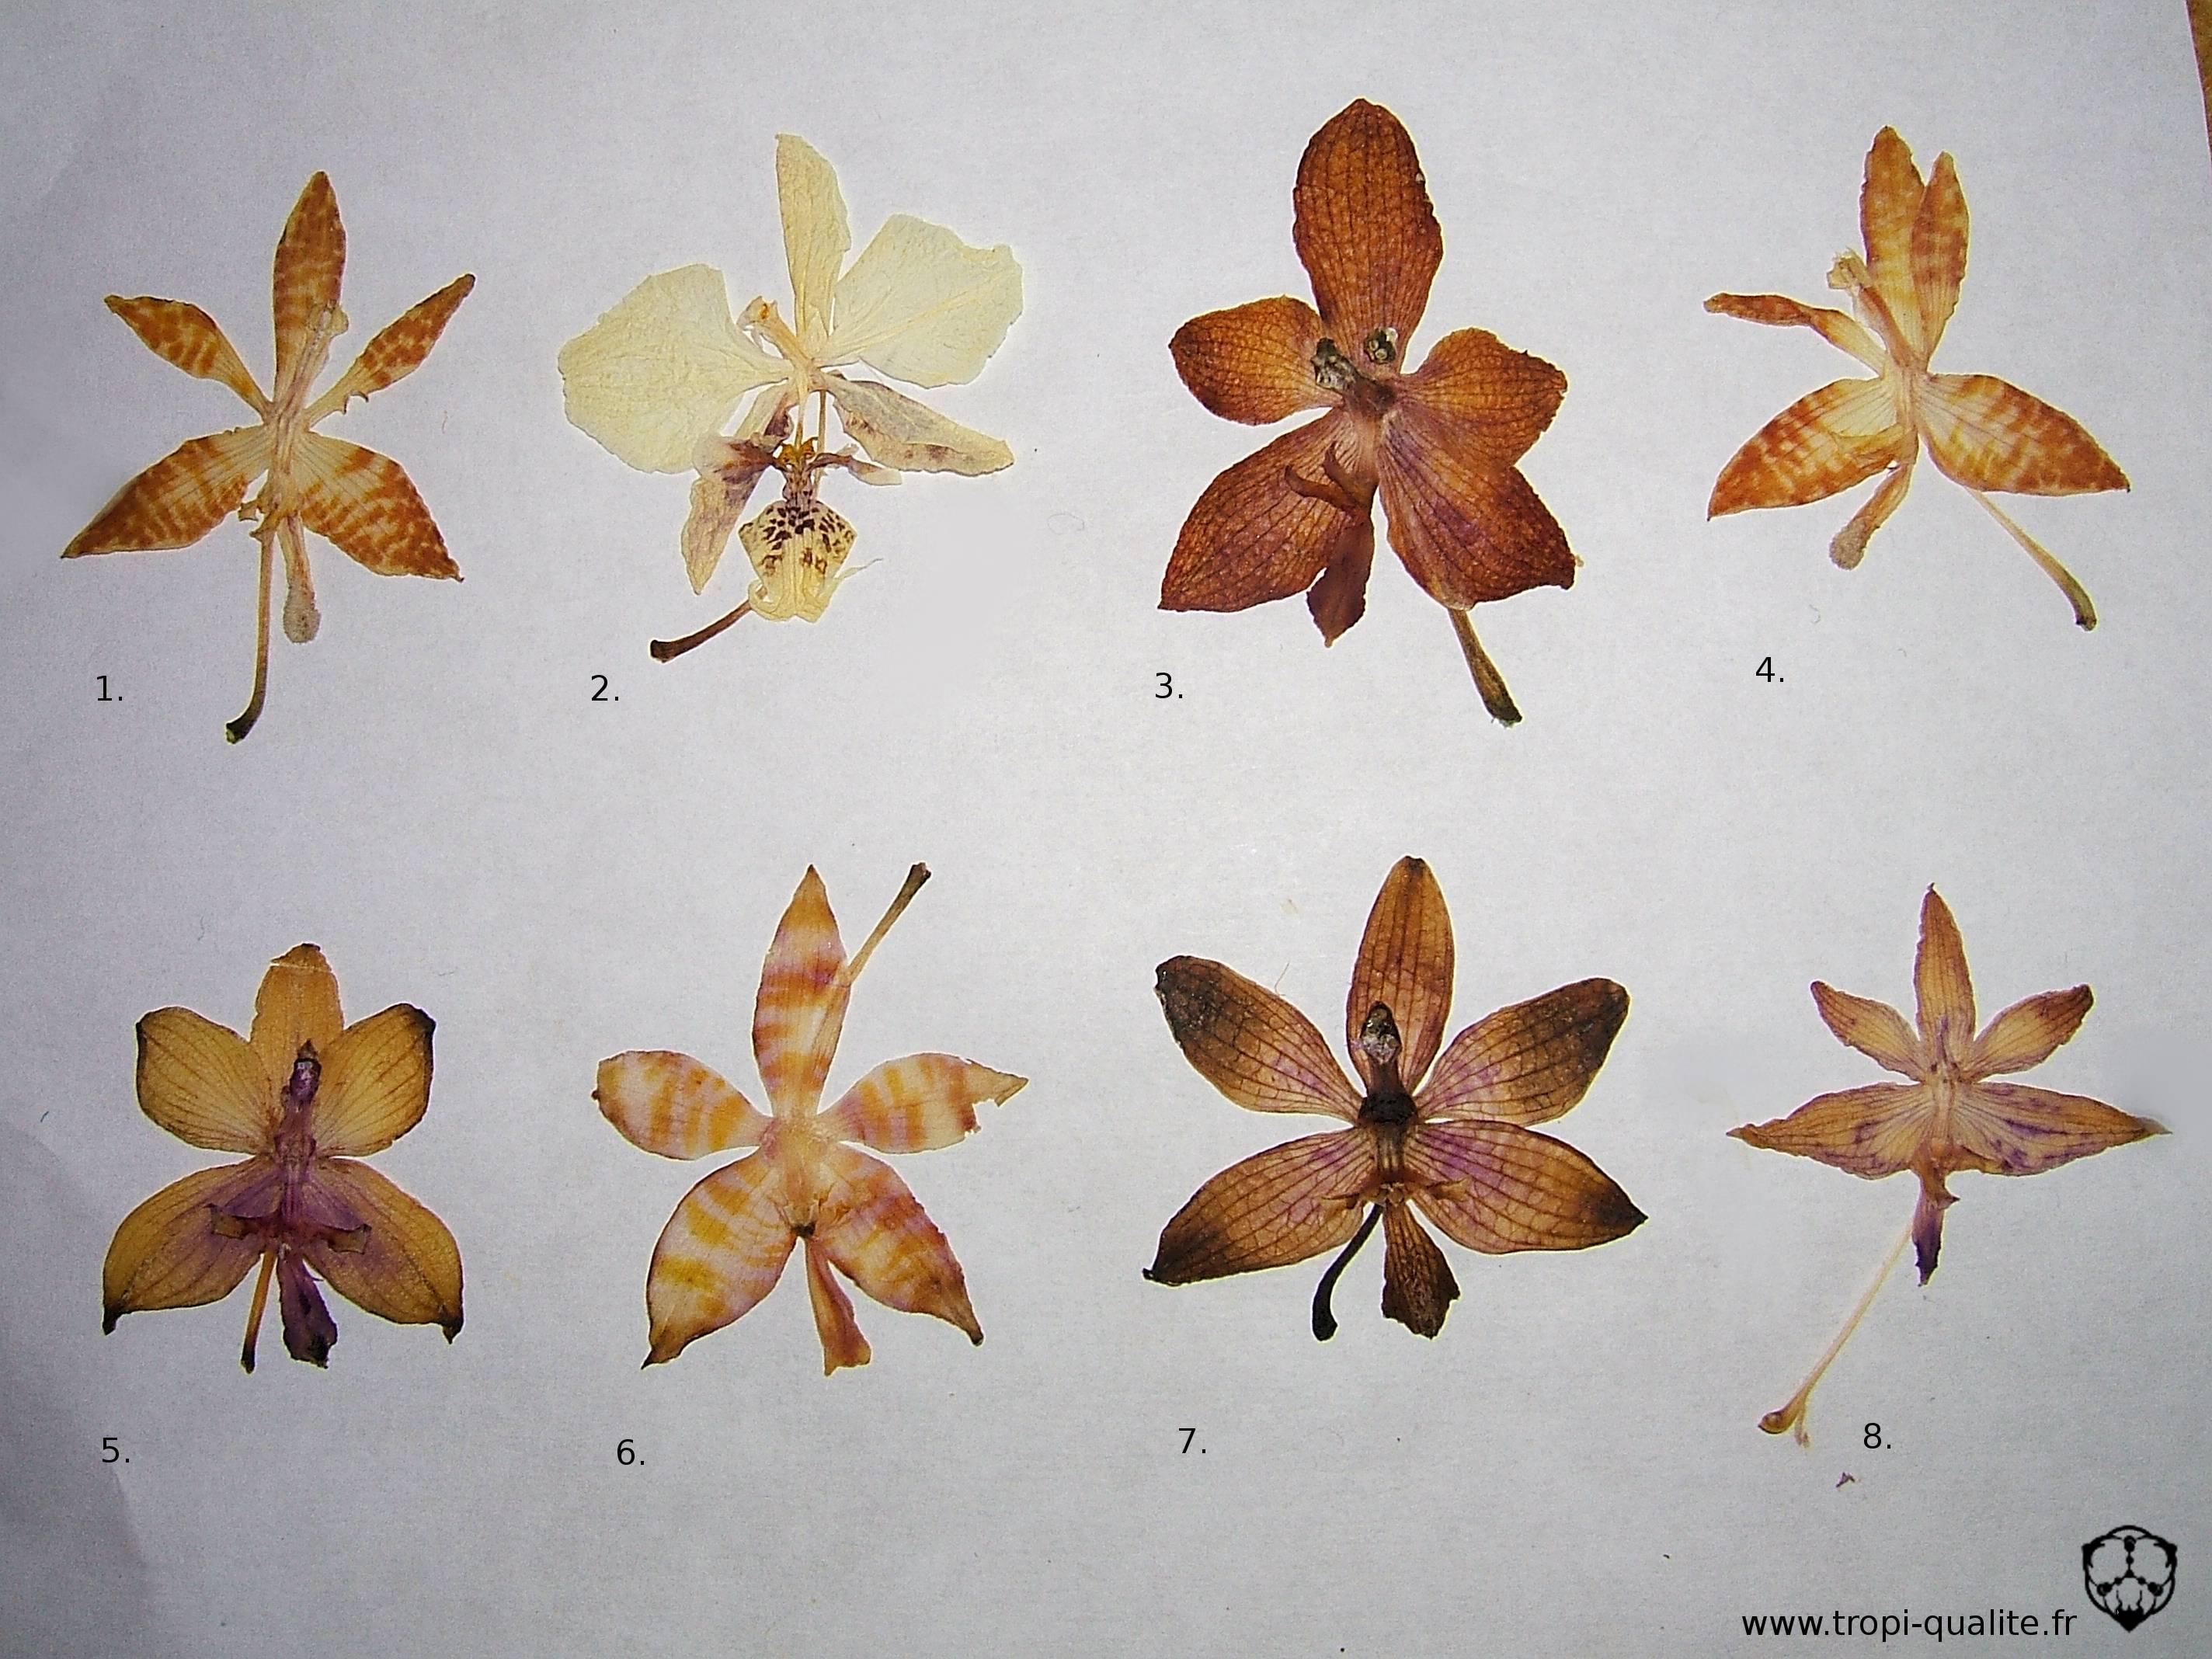 devinette a quelles esp ces appartiennent ces fleurs mises en herbier tropi qualit. Black Bedroom Furniture Sets. Home Design Ideas